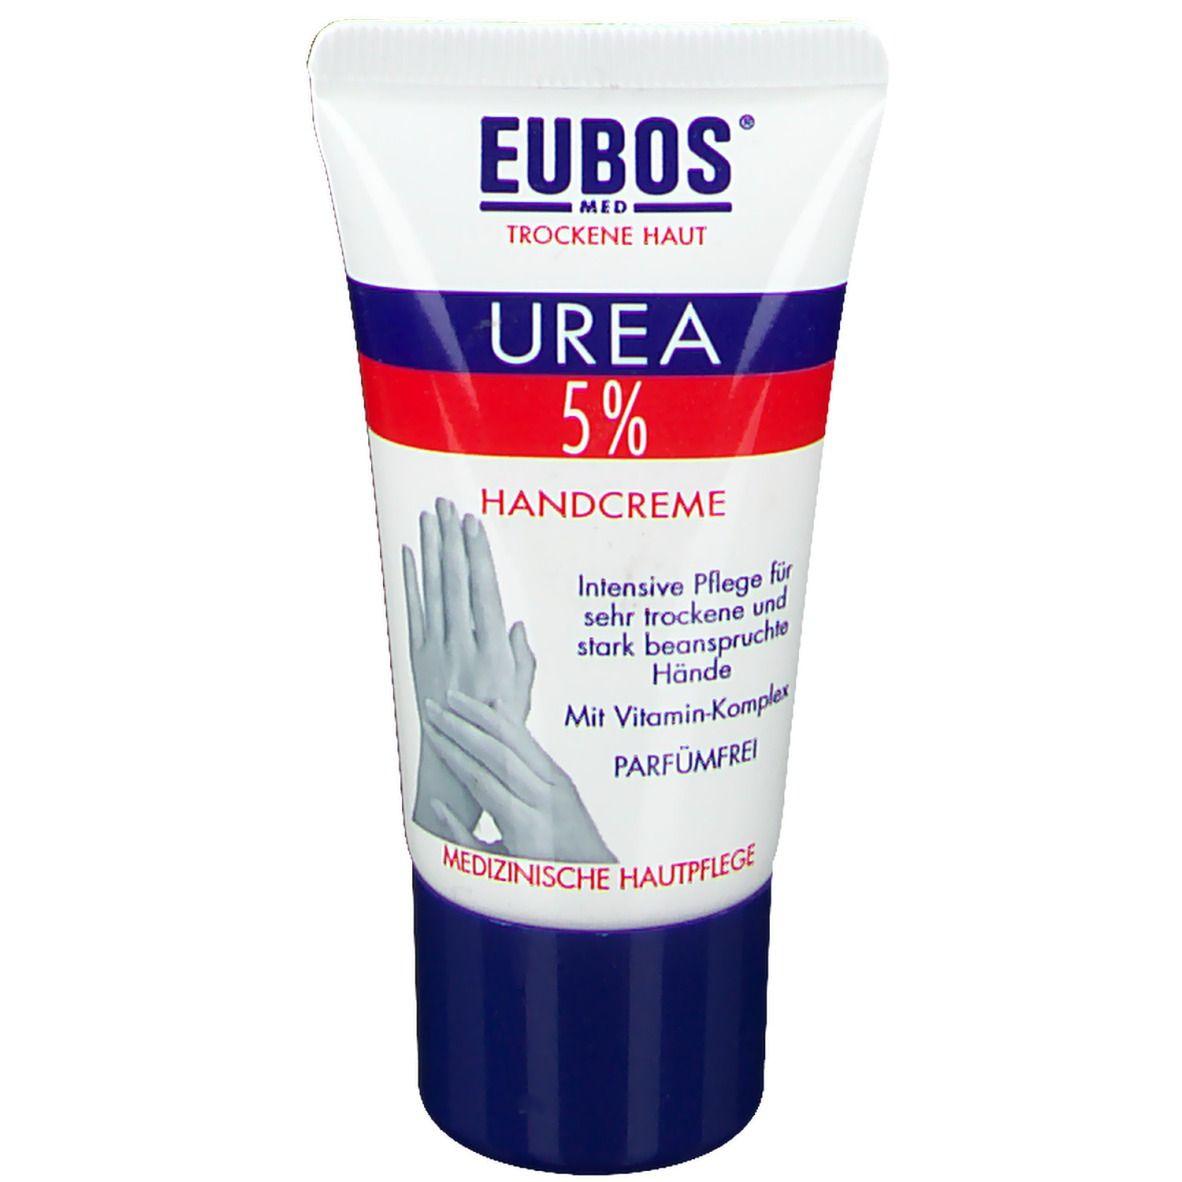 B. EUBOS TH UREA 5% HANDCREME